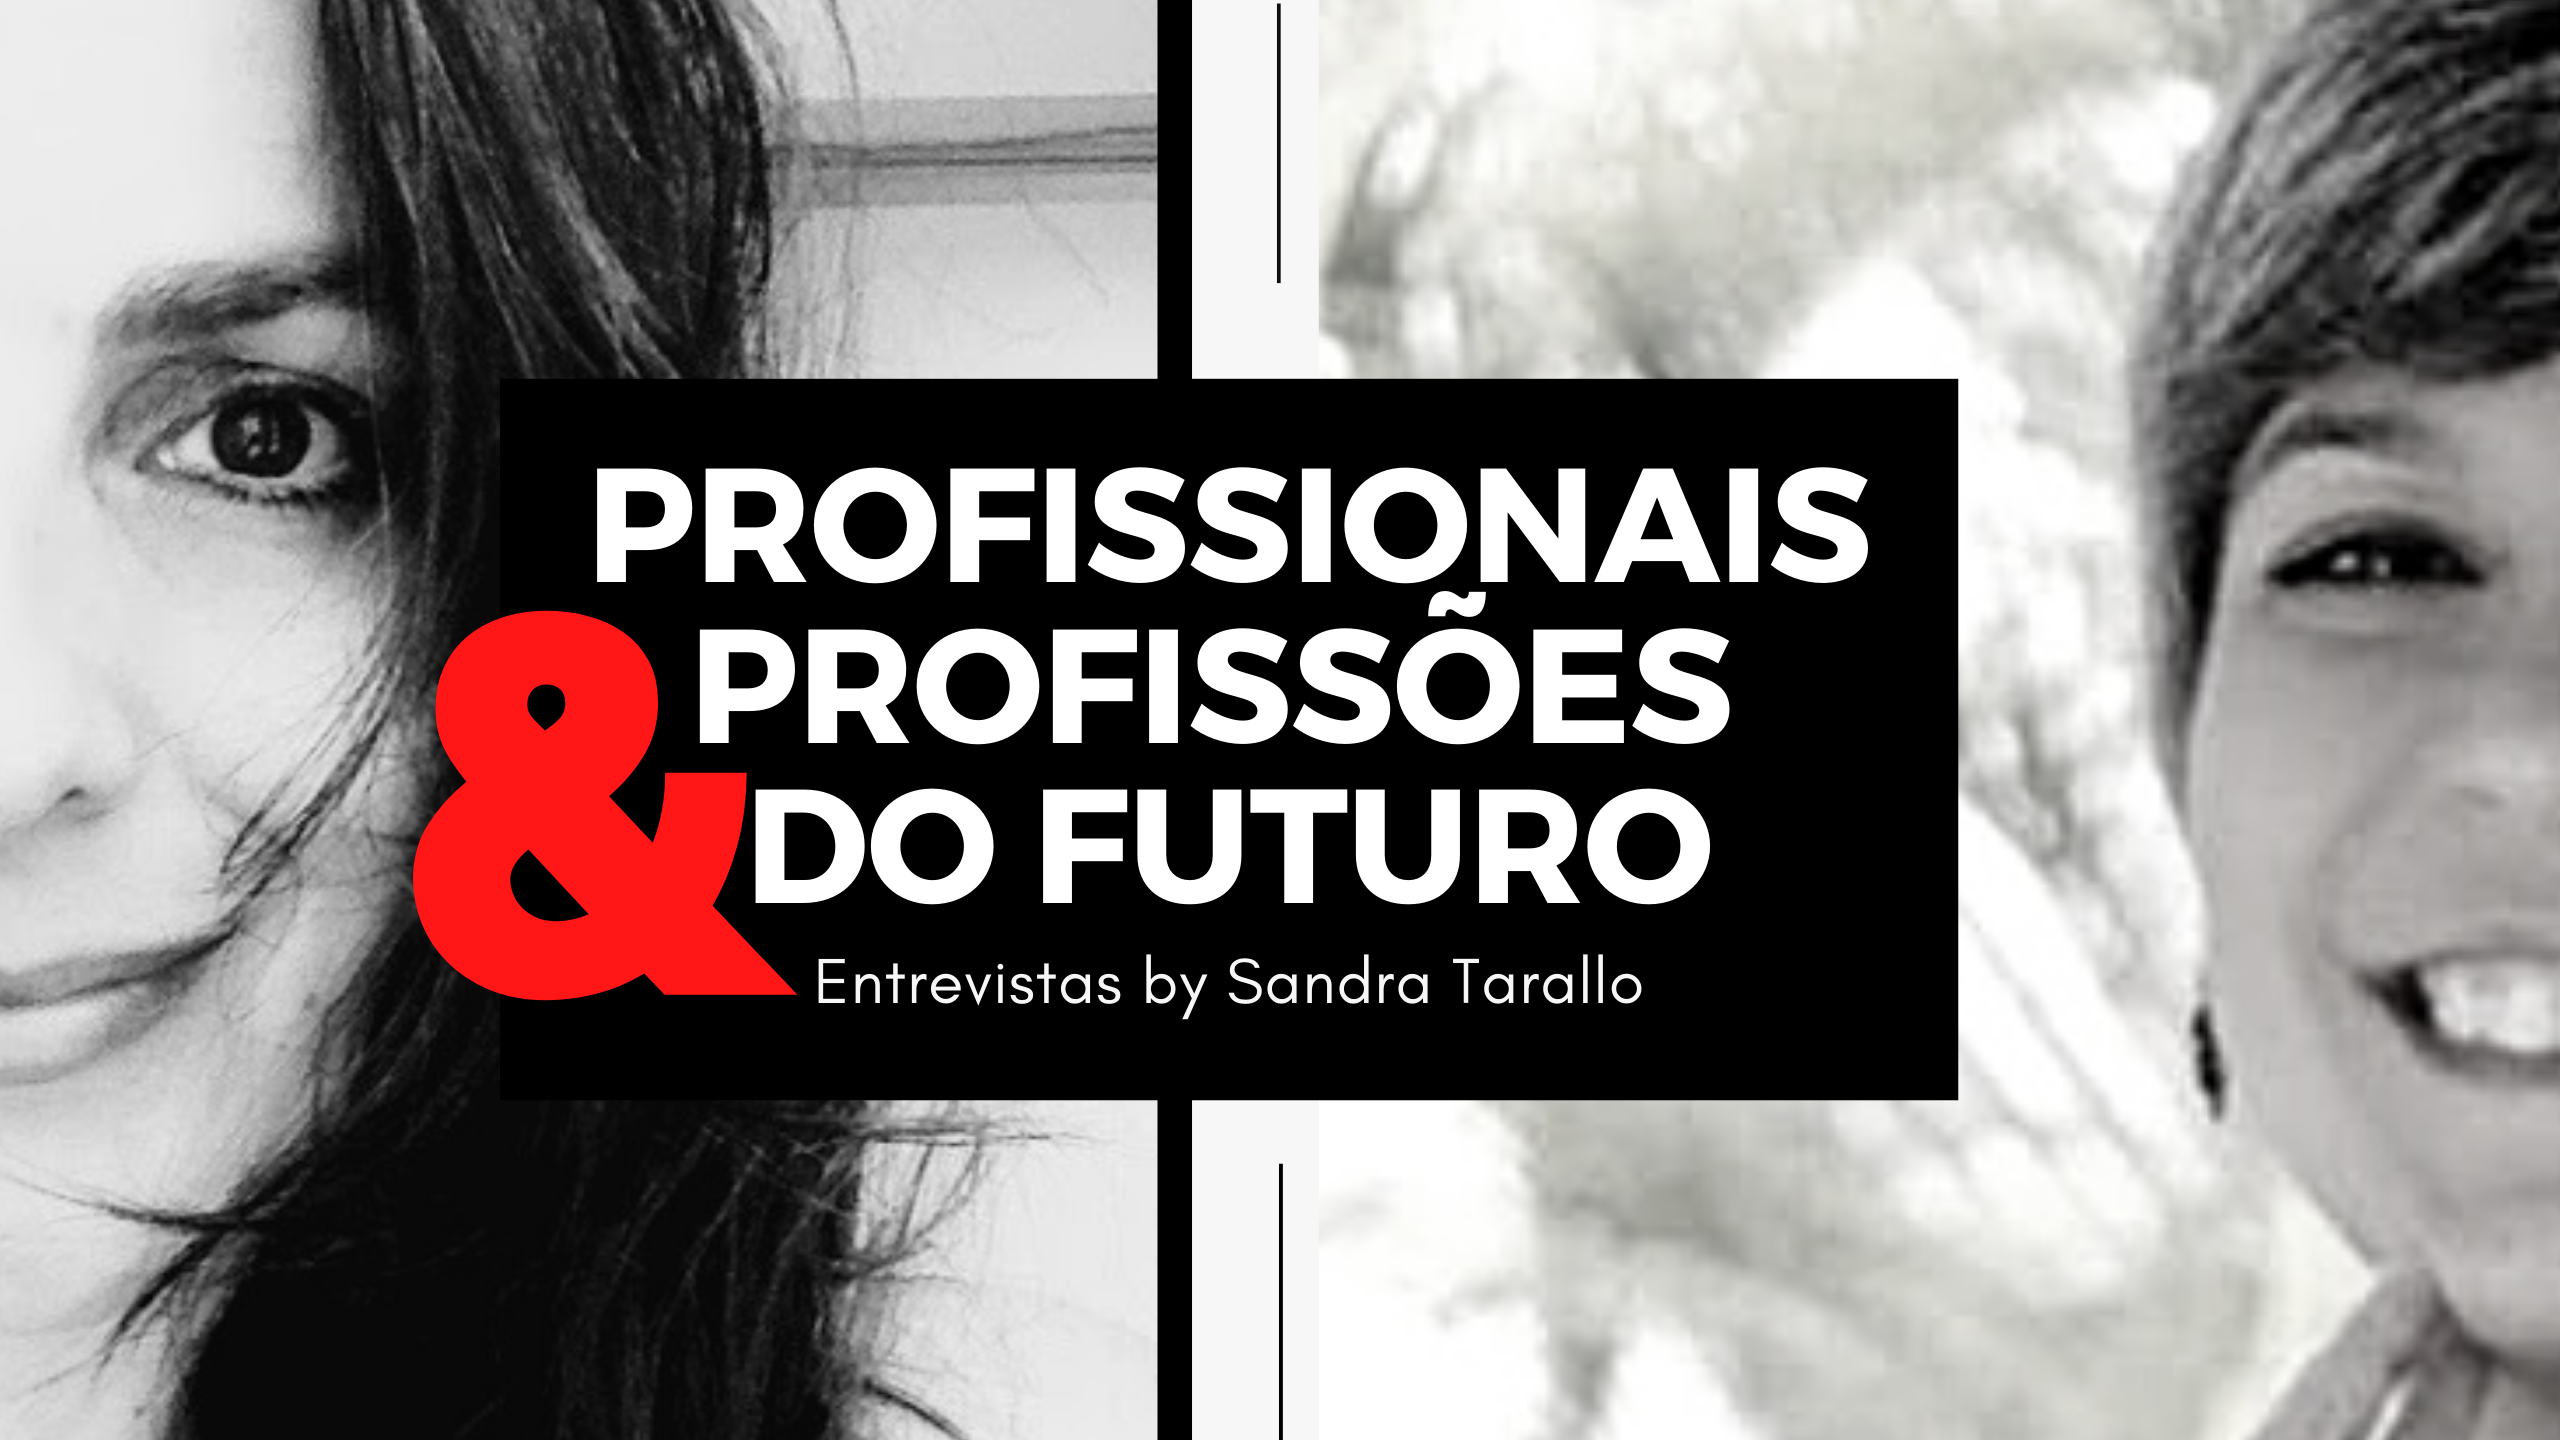 Profissionais Profissões do futuro 1 - Projeto Profissionais e Profissões do Futuro - Moda, Estilo e Comportamento